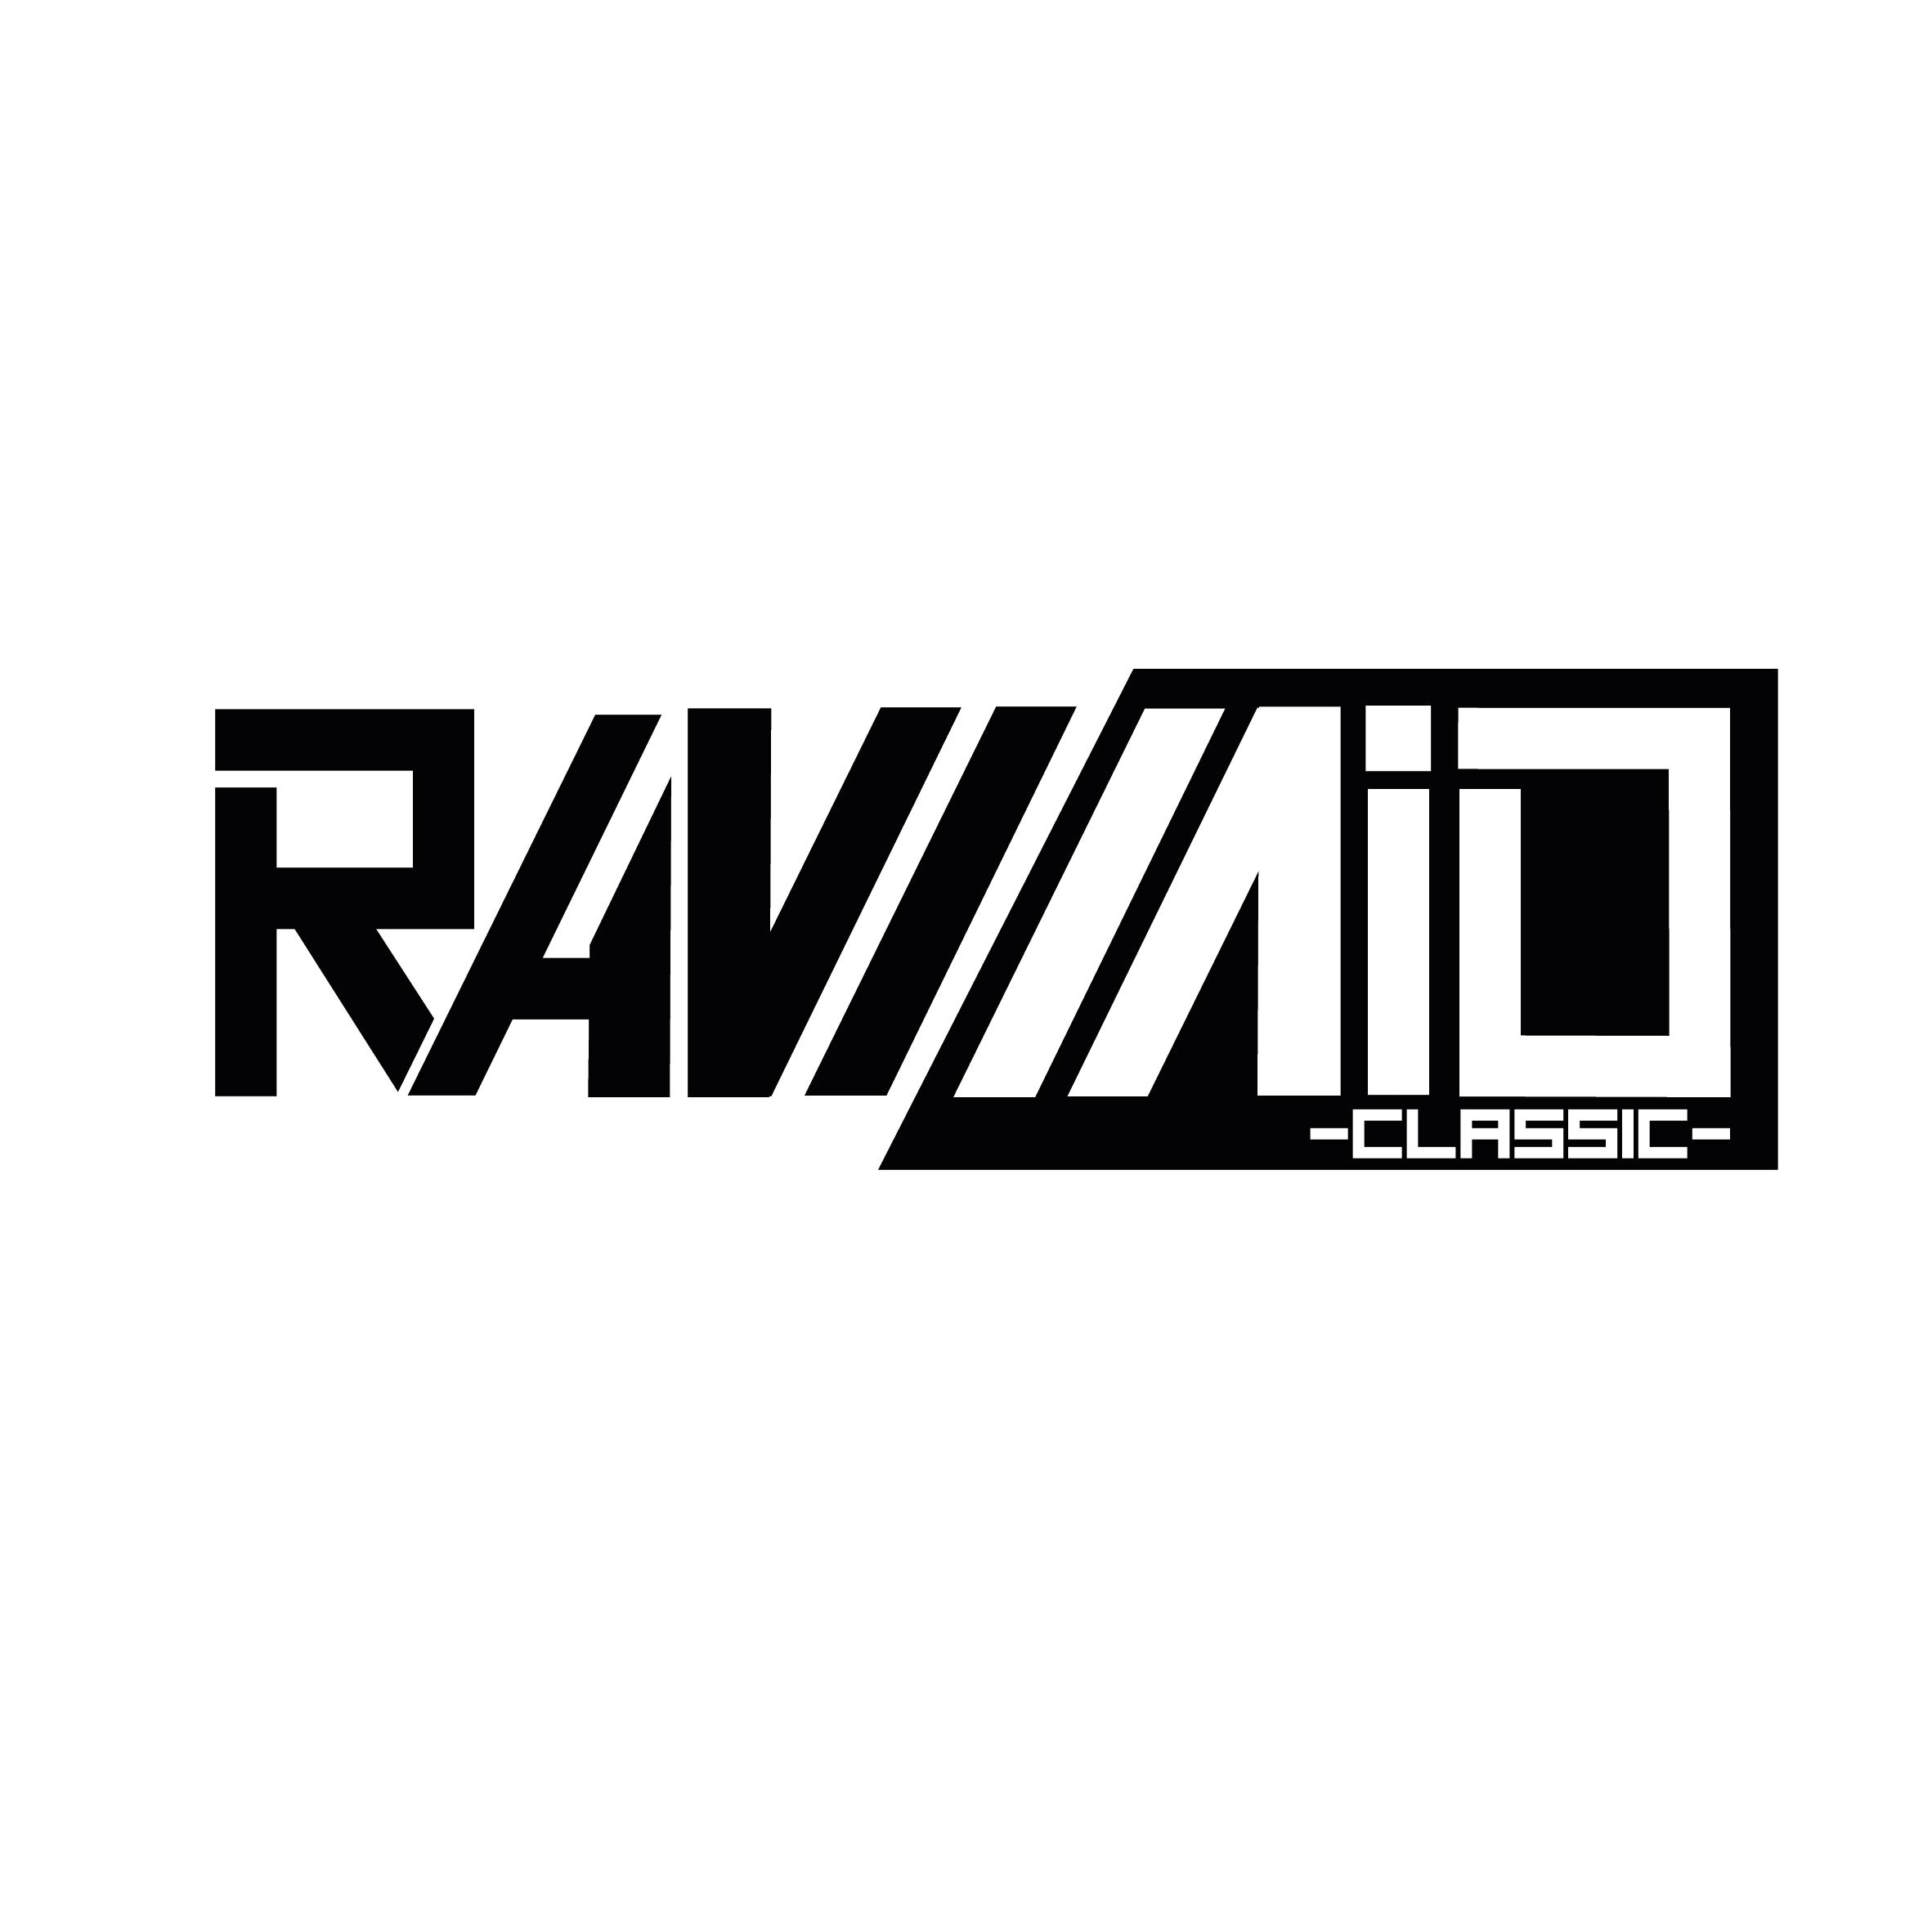 Создать логотип (буквенная часть) для бренда бытовой техники фото f_9435b34c549c3c22.jpg